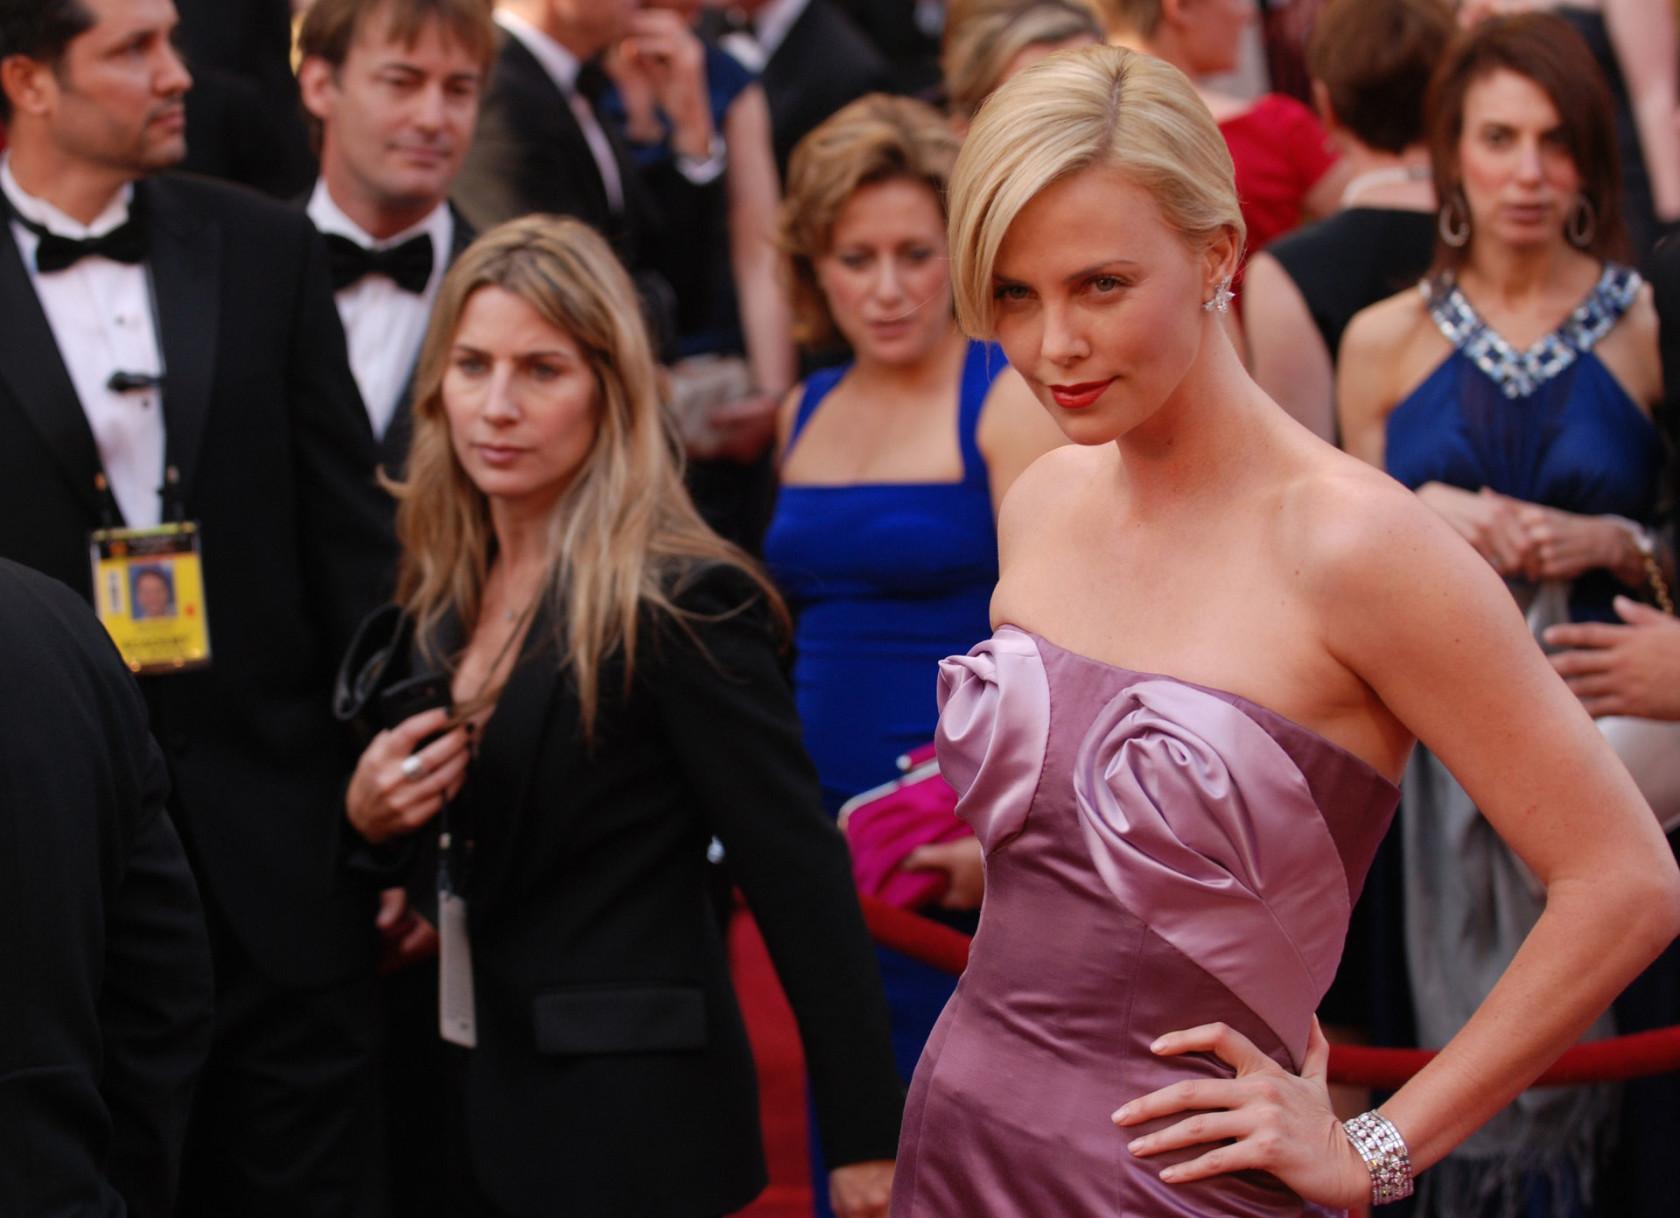 actress-adult-attractive-276046.jpg